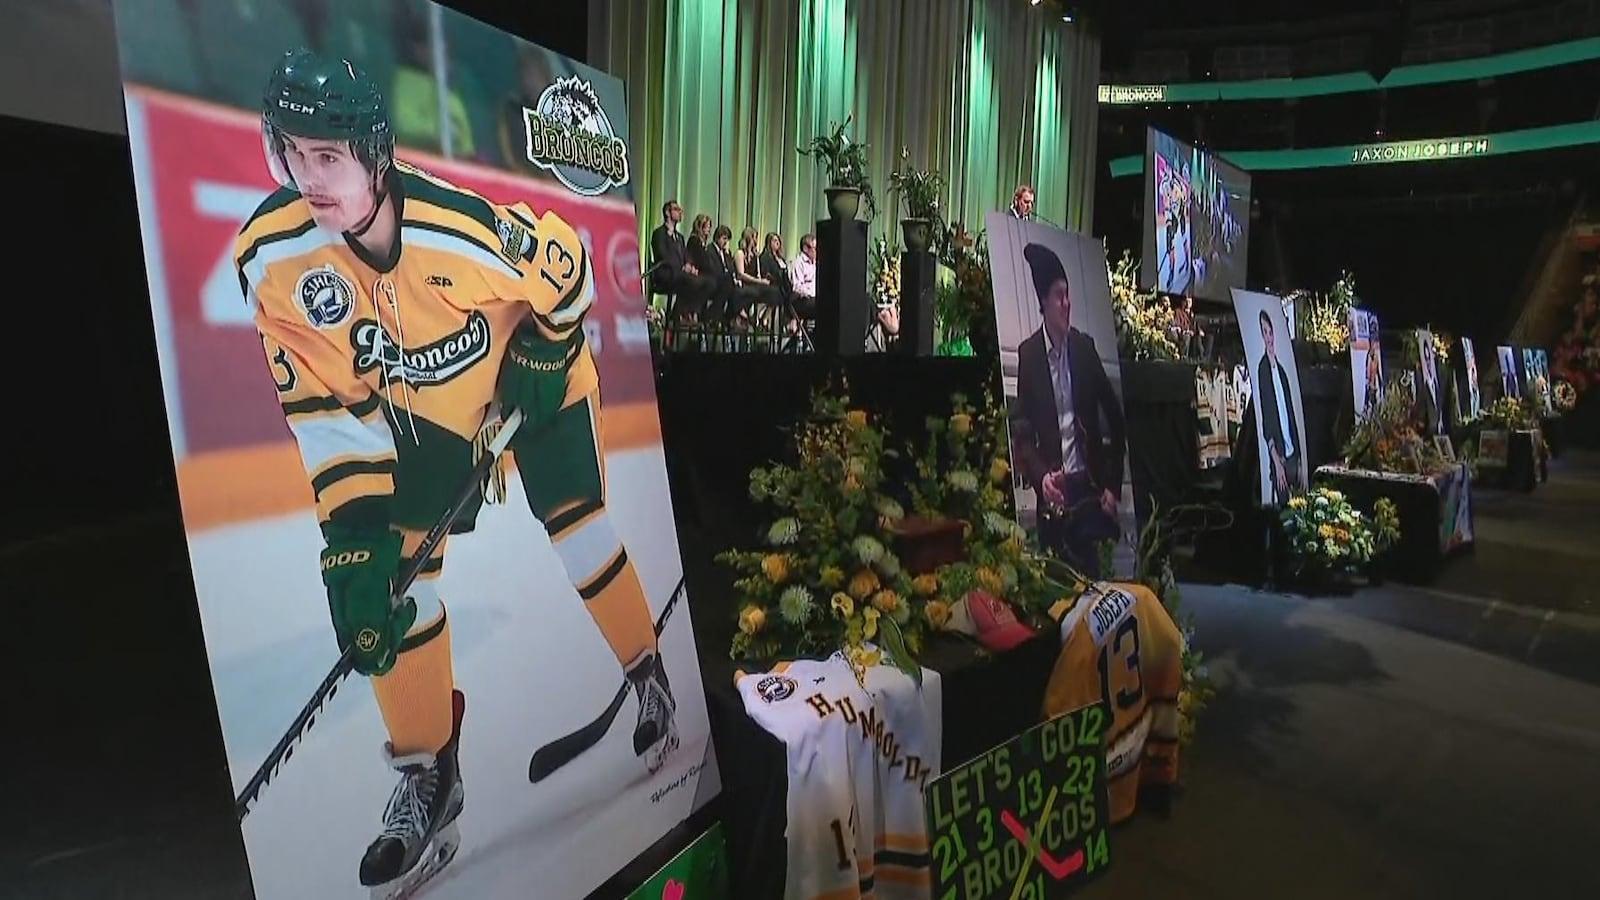 Photo de la scène à la place Rogers où s'est tenue la cérémonie commémorative. On voit chaque victime en tenue de hockey et en tenue de ville.